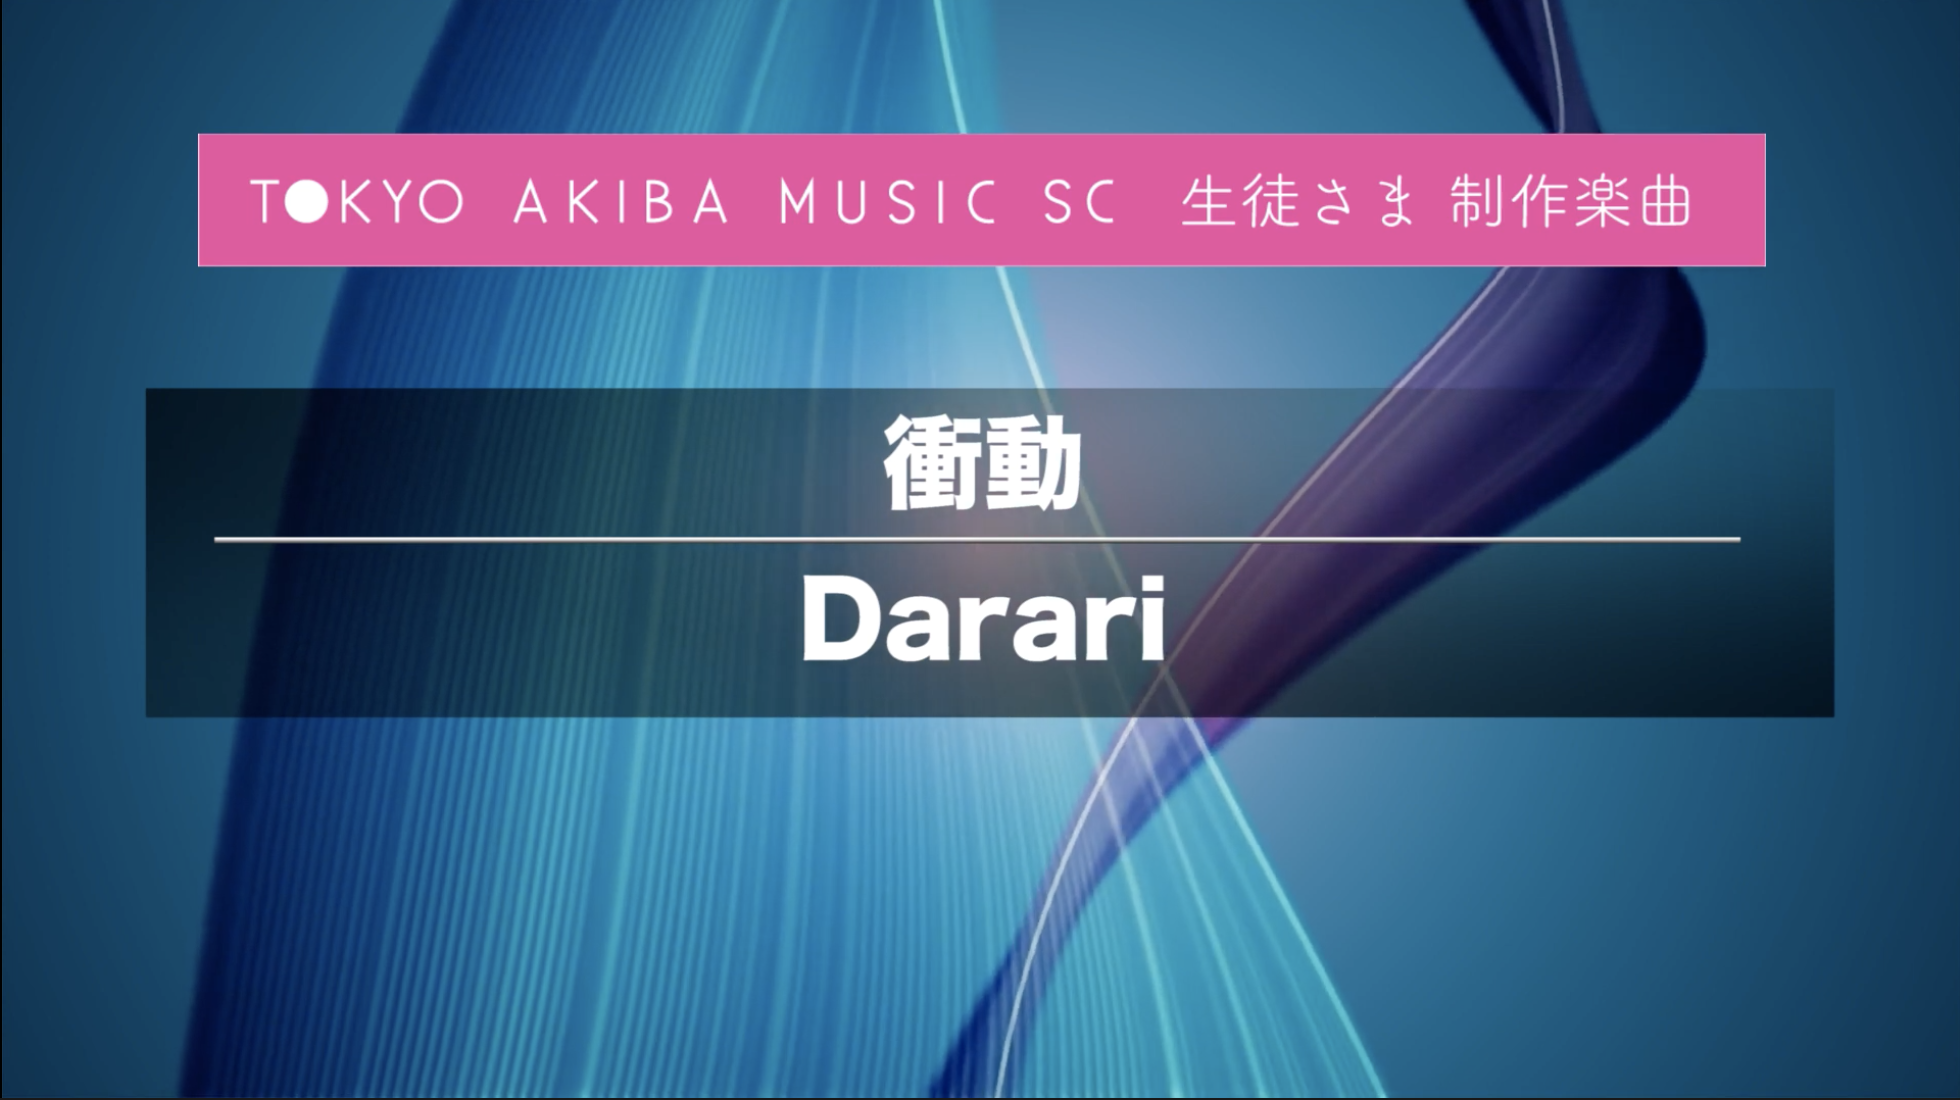 生徒さんの作品〜衝動/Darari〜